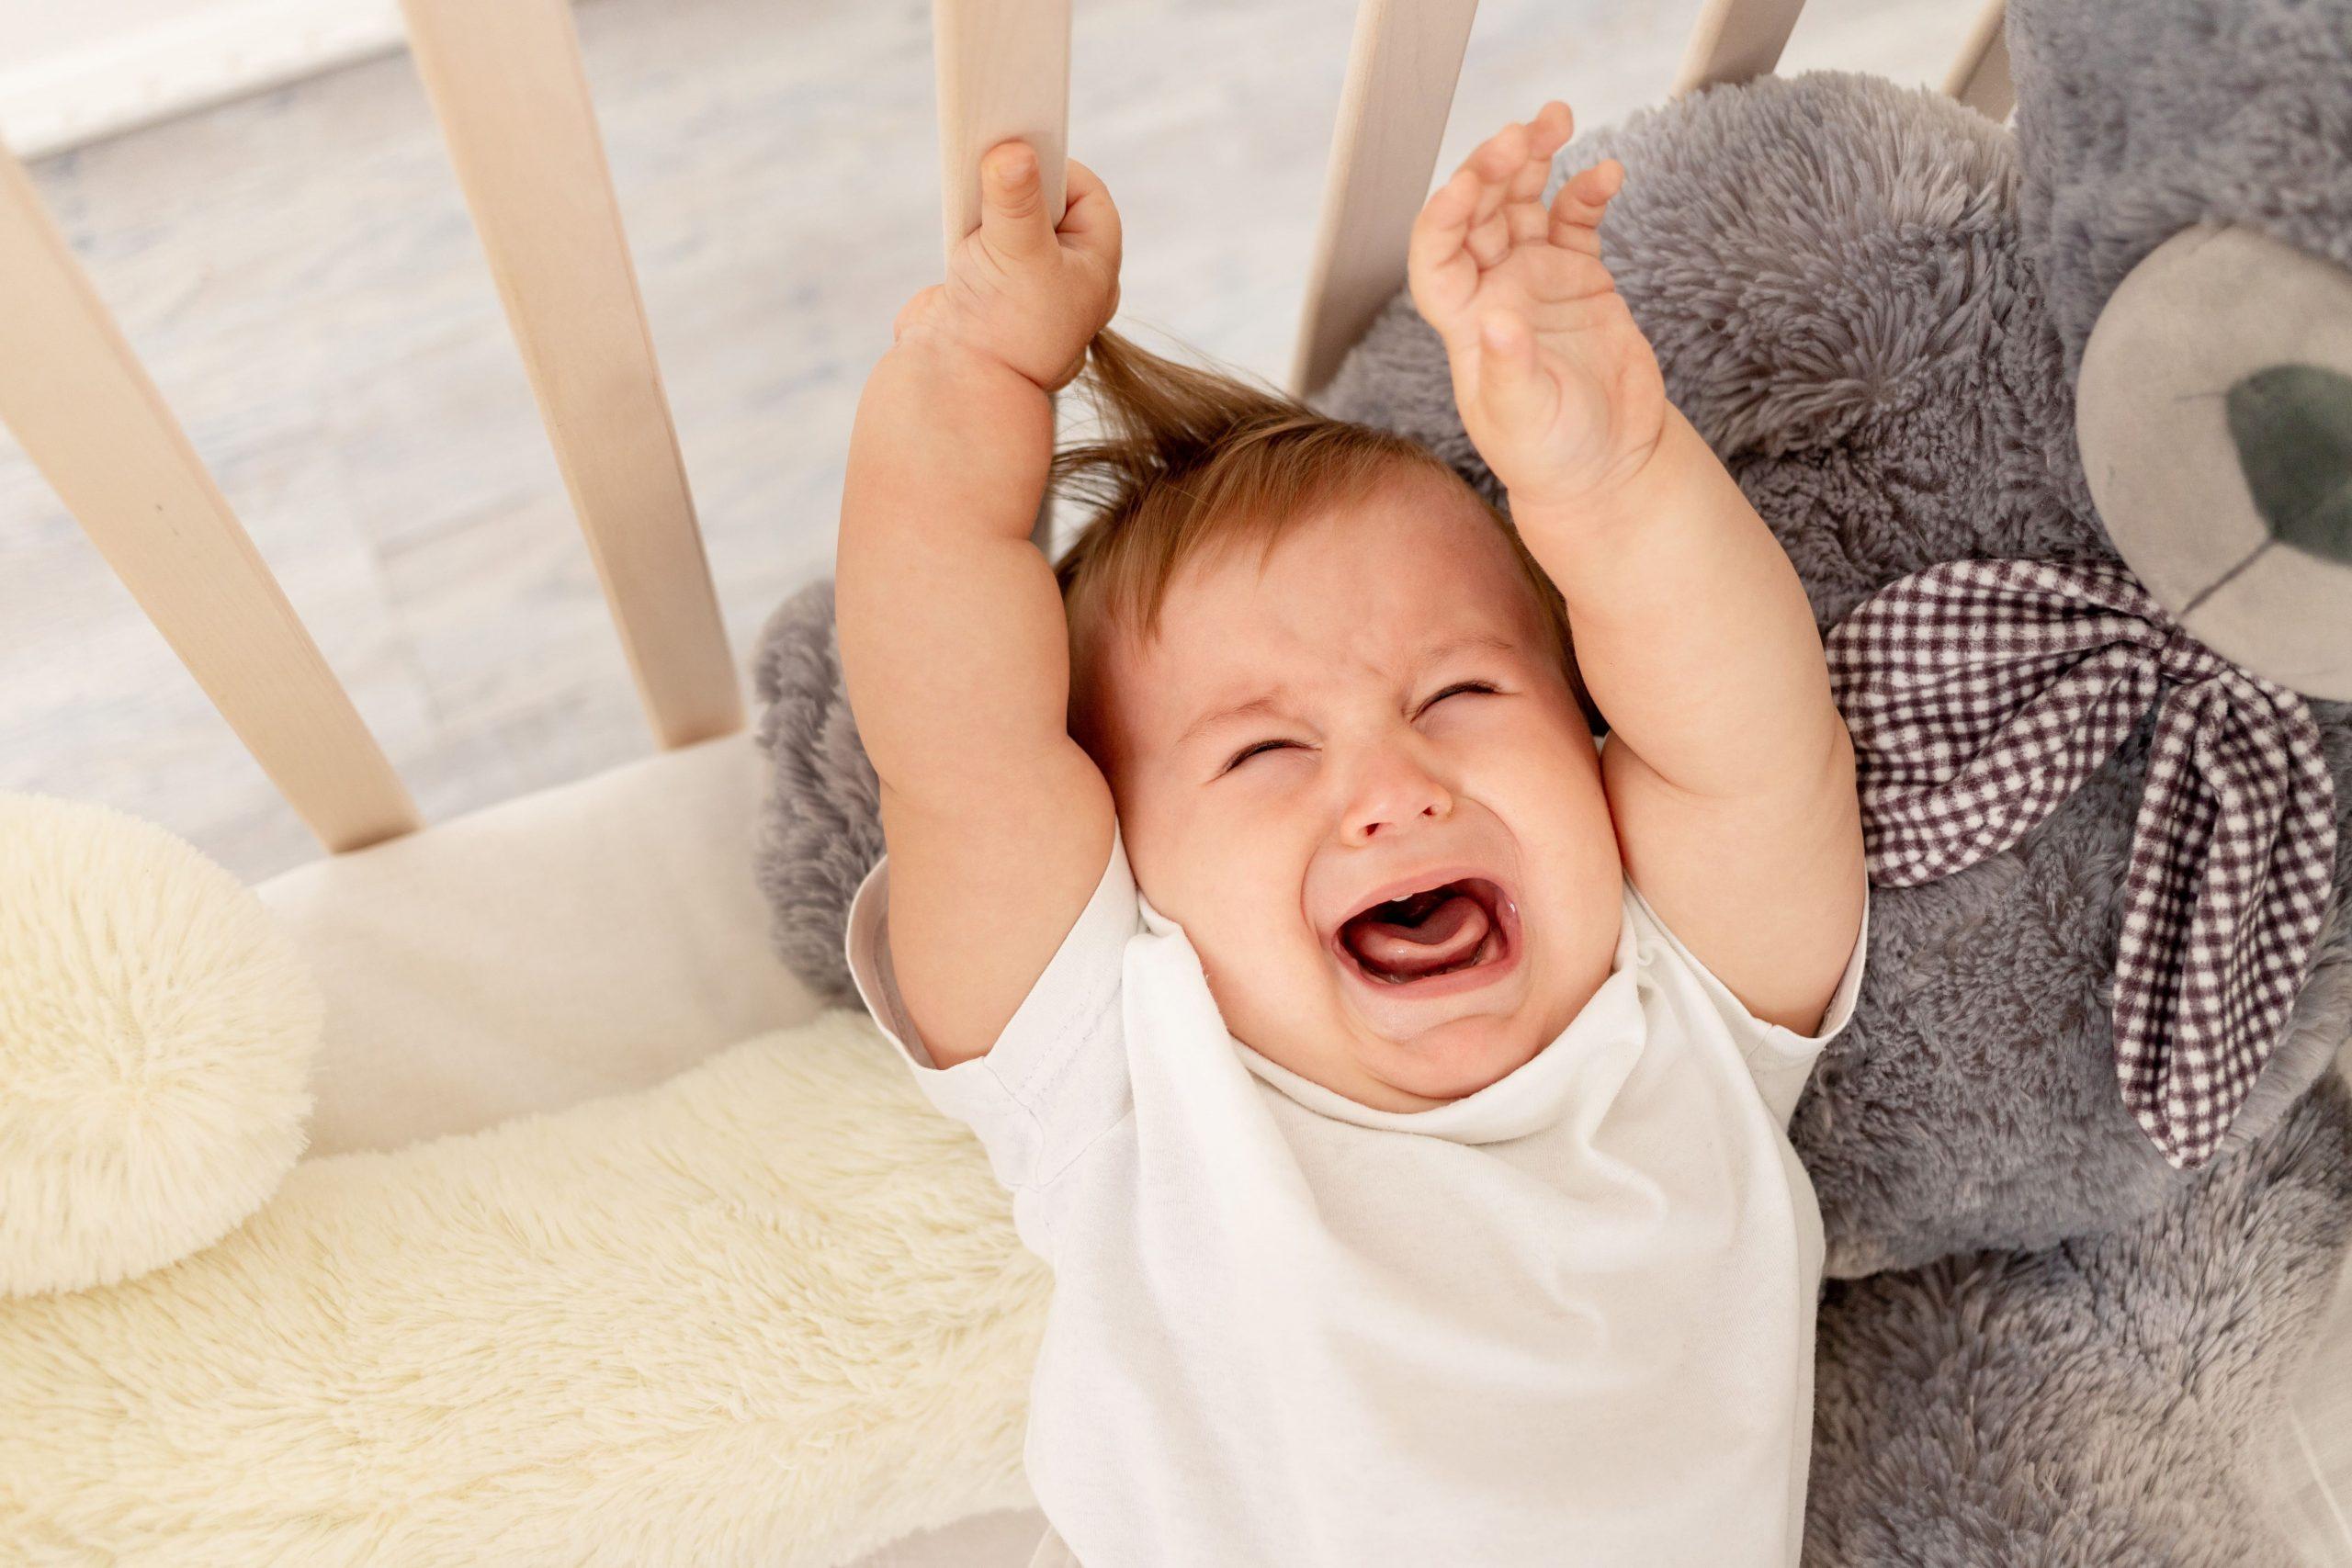 赤ちゃんが泣き止まない…おすすめの泣き止む方法とは?